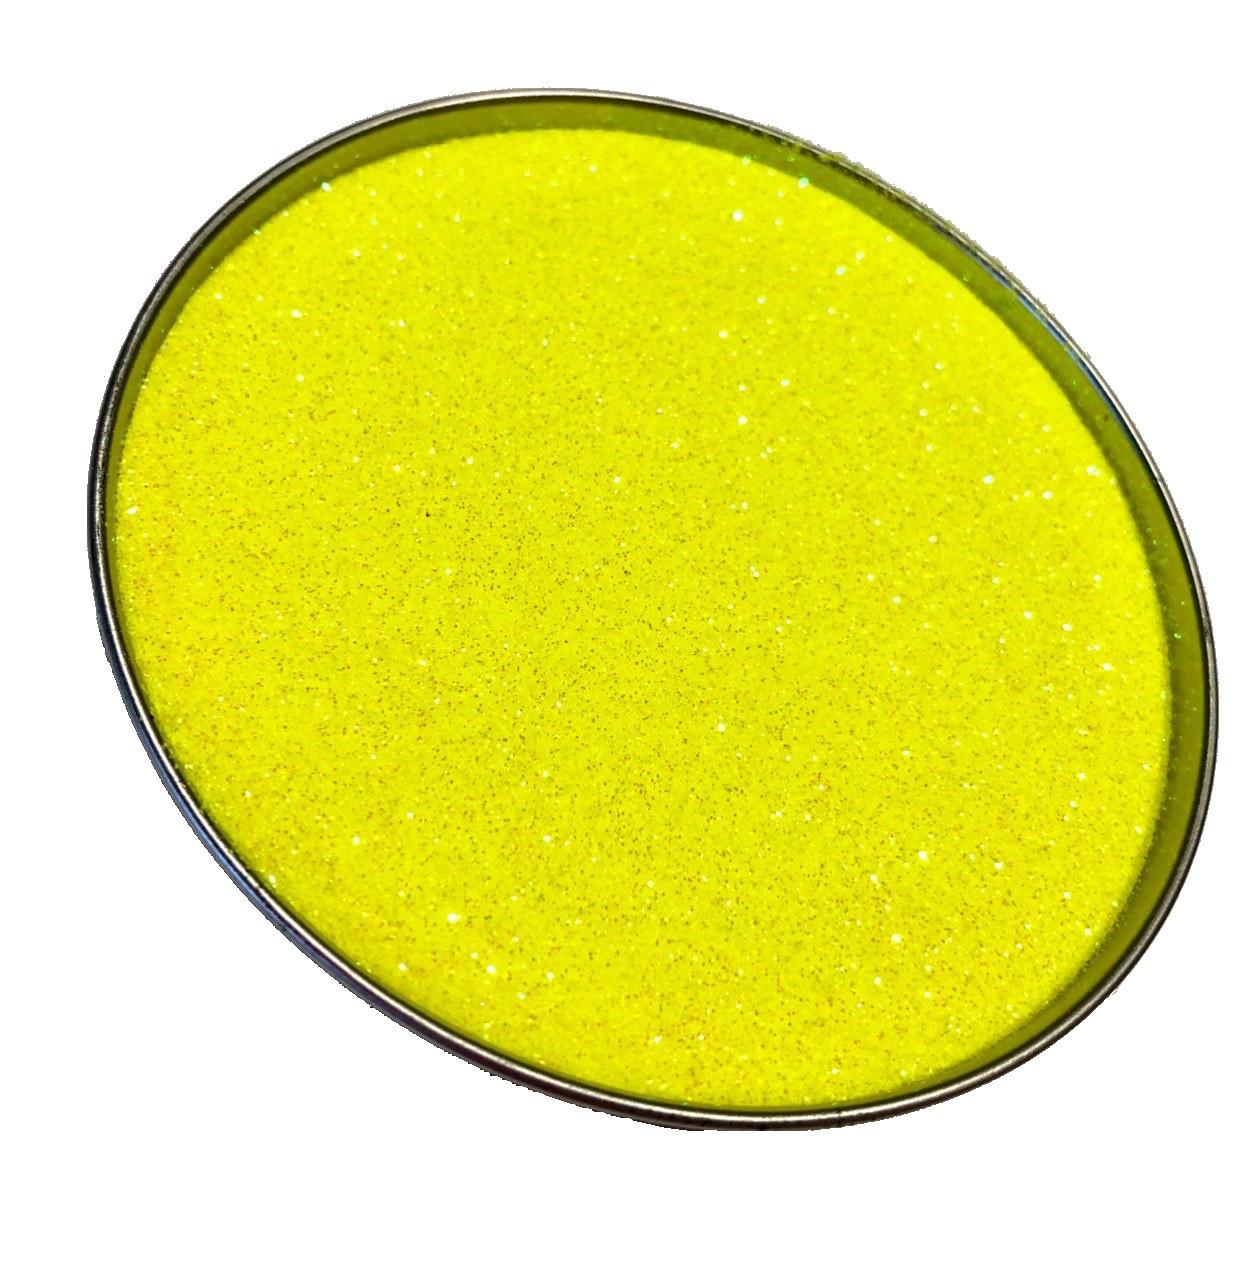 Глиттер радужный желтый TRY106-128, 150мл